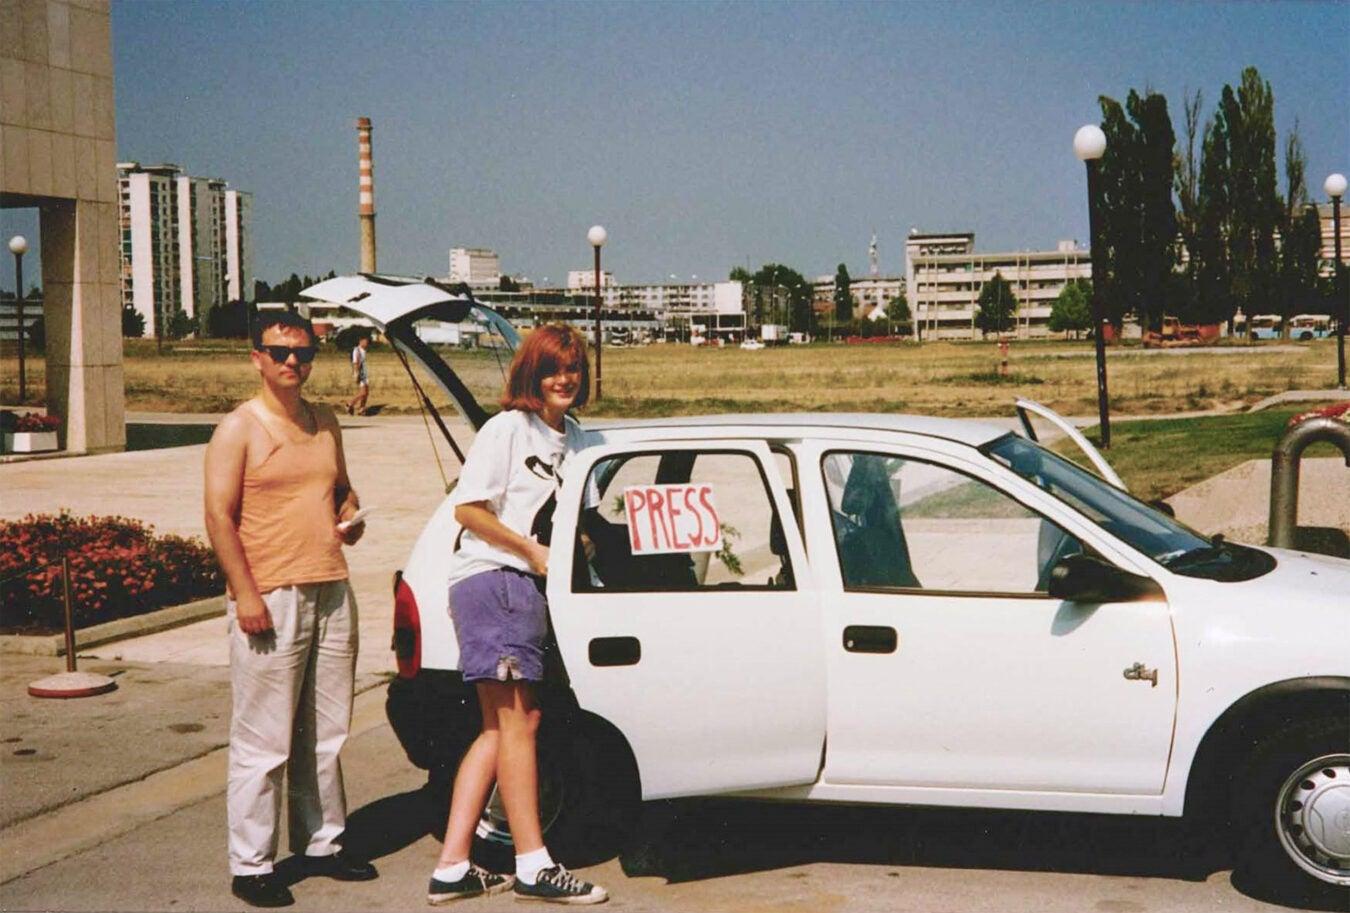 Samantha Power getting in press car